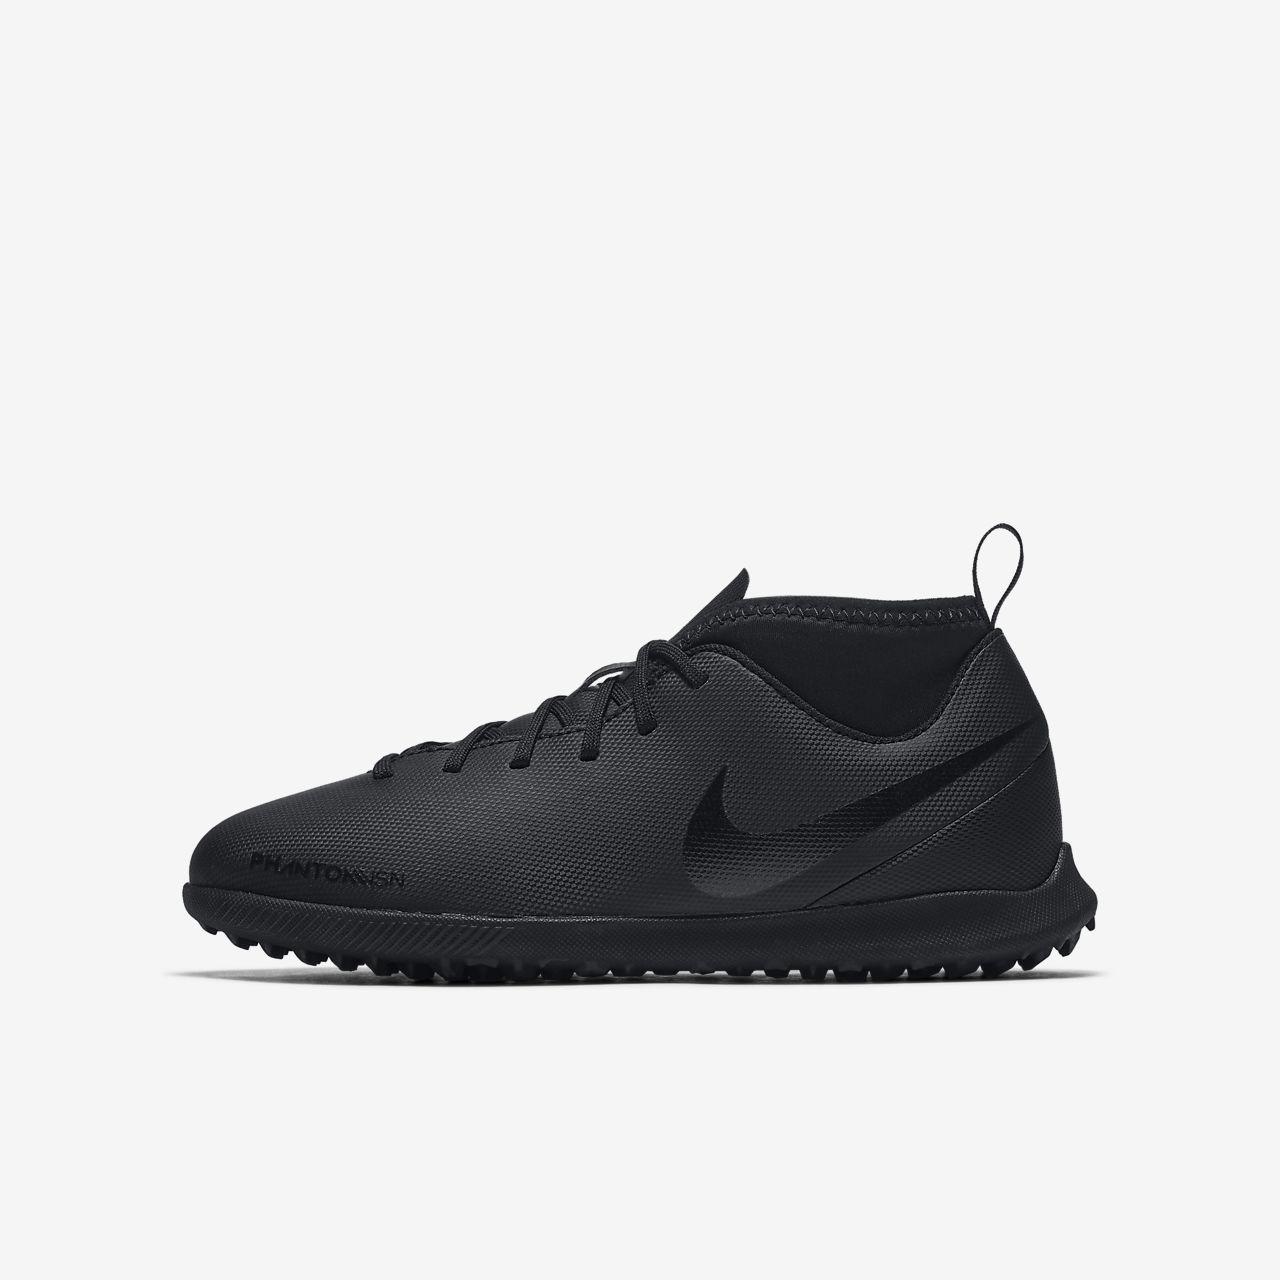 Chaussure Synthétique Nike Crampons Football Surface Jr De Pour À rq4WrR